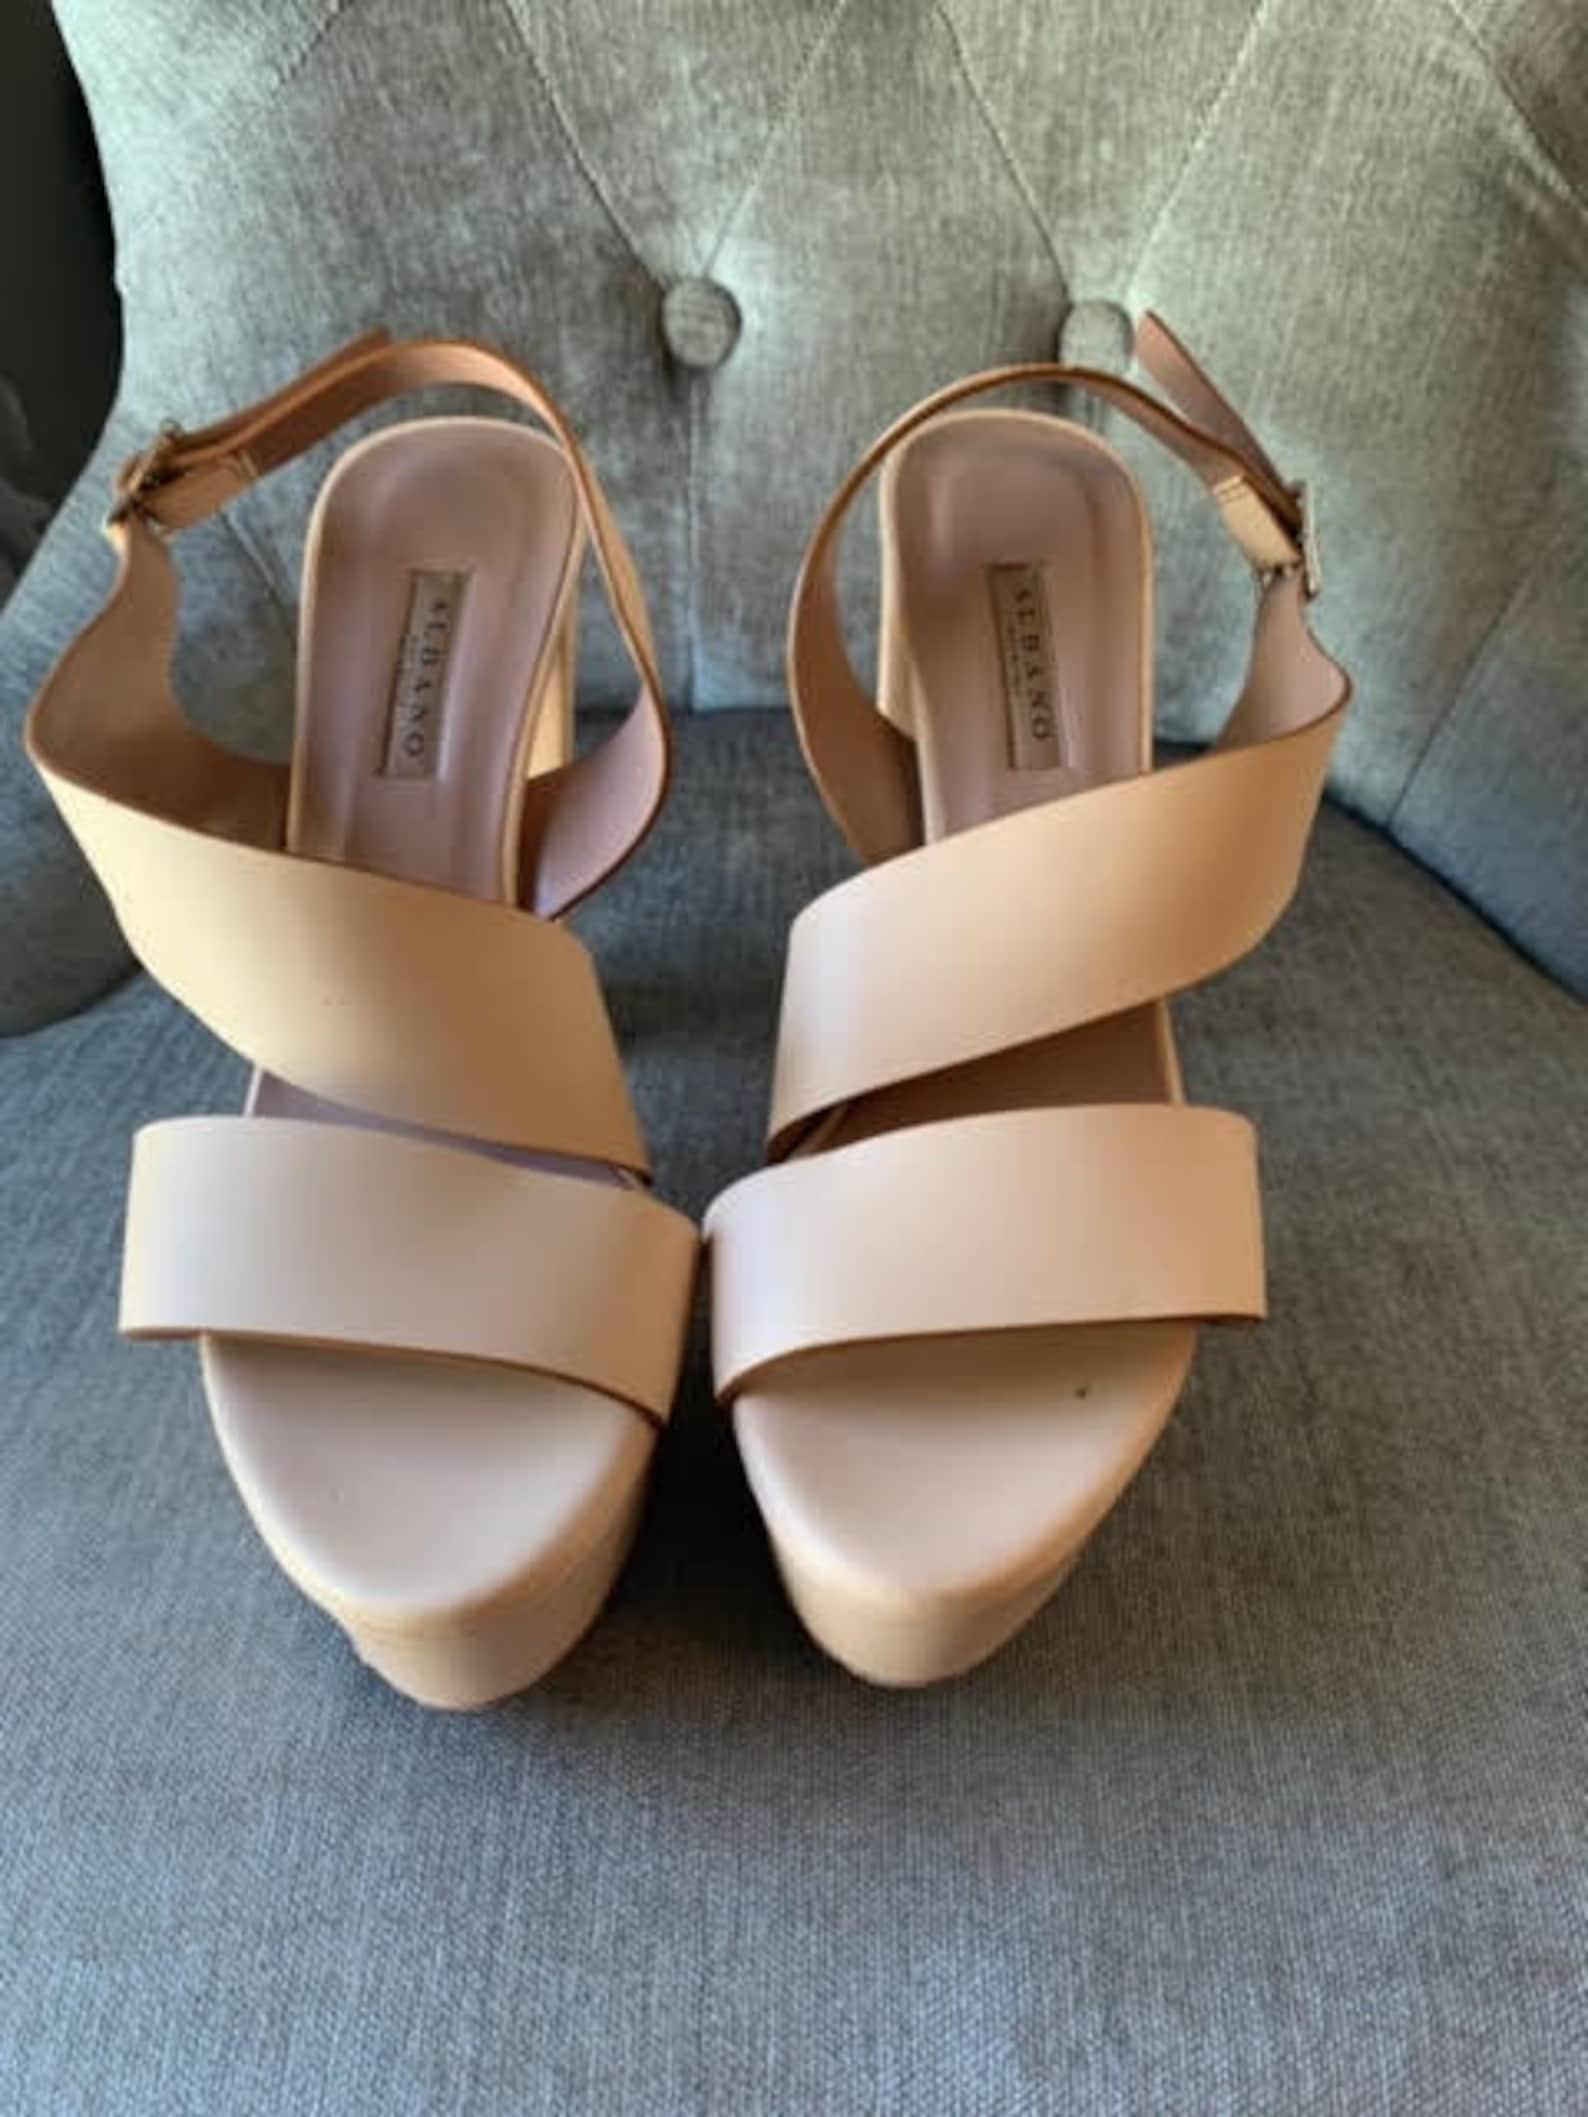 5.5 Inch Italian Nude/Pink Block Sandal Heels size 39   Etsy